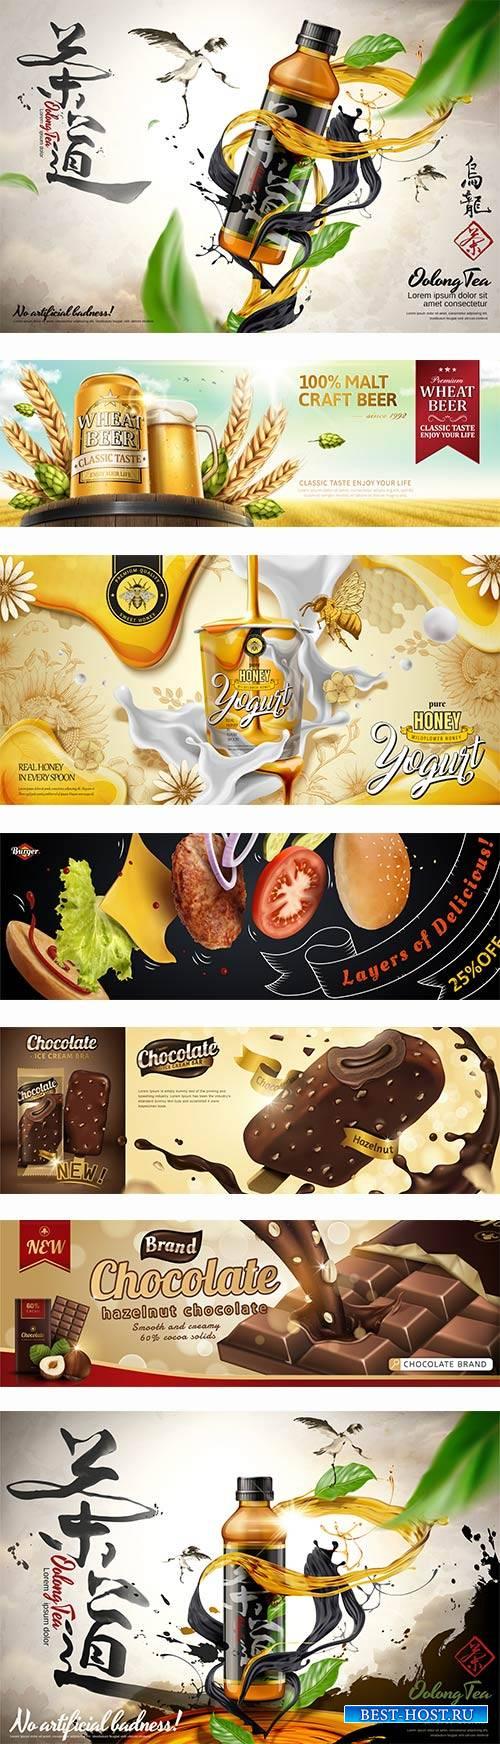 3d food poster illustration